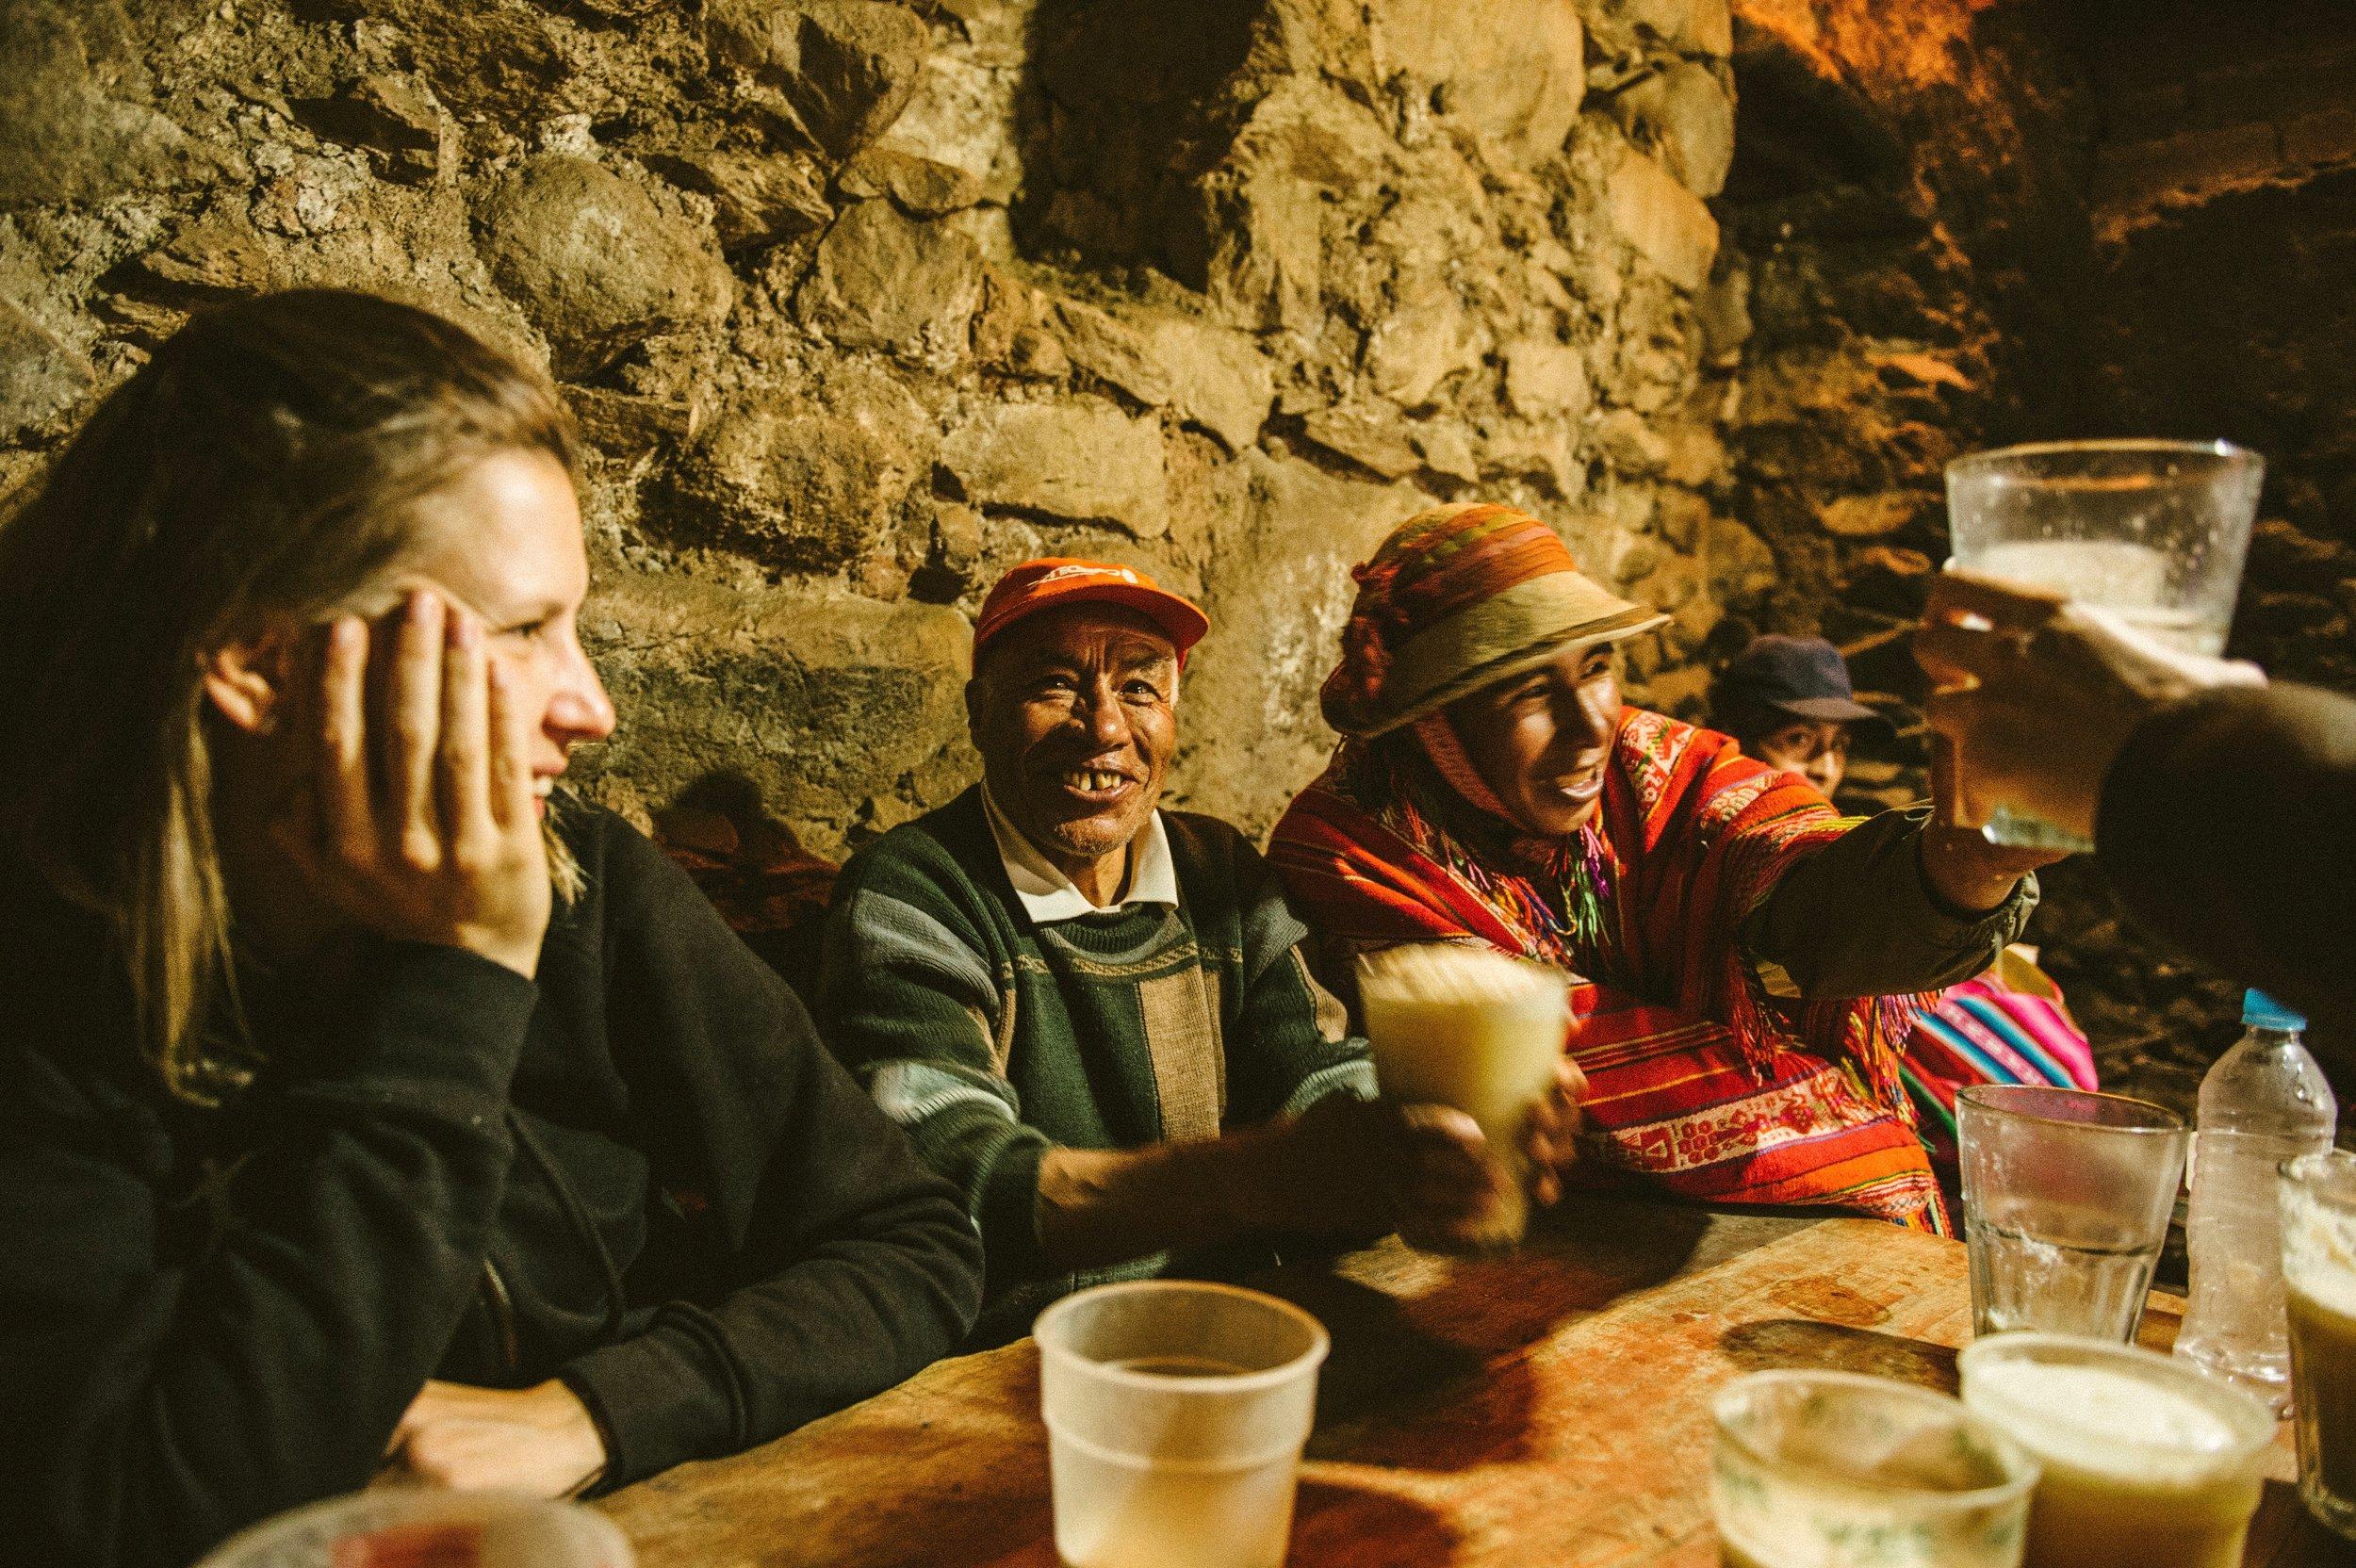 Foto: Stina Kase 2014 / Peruu